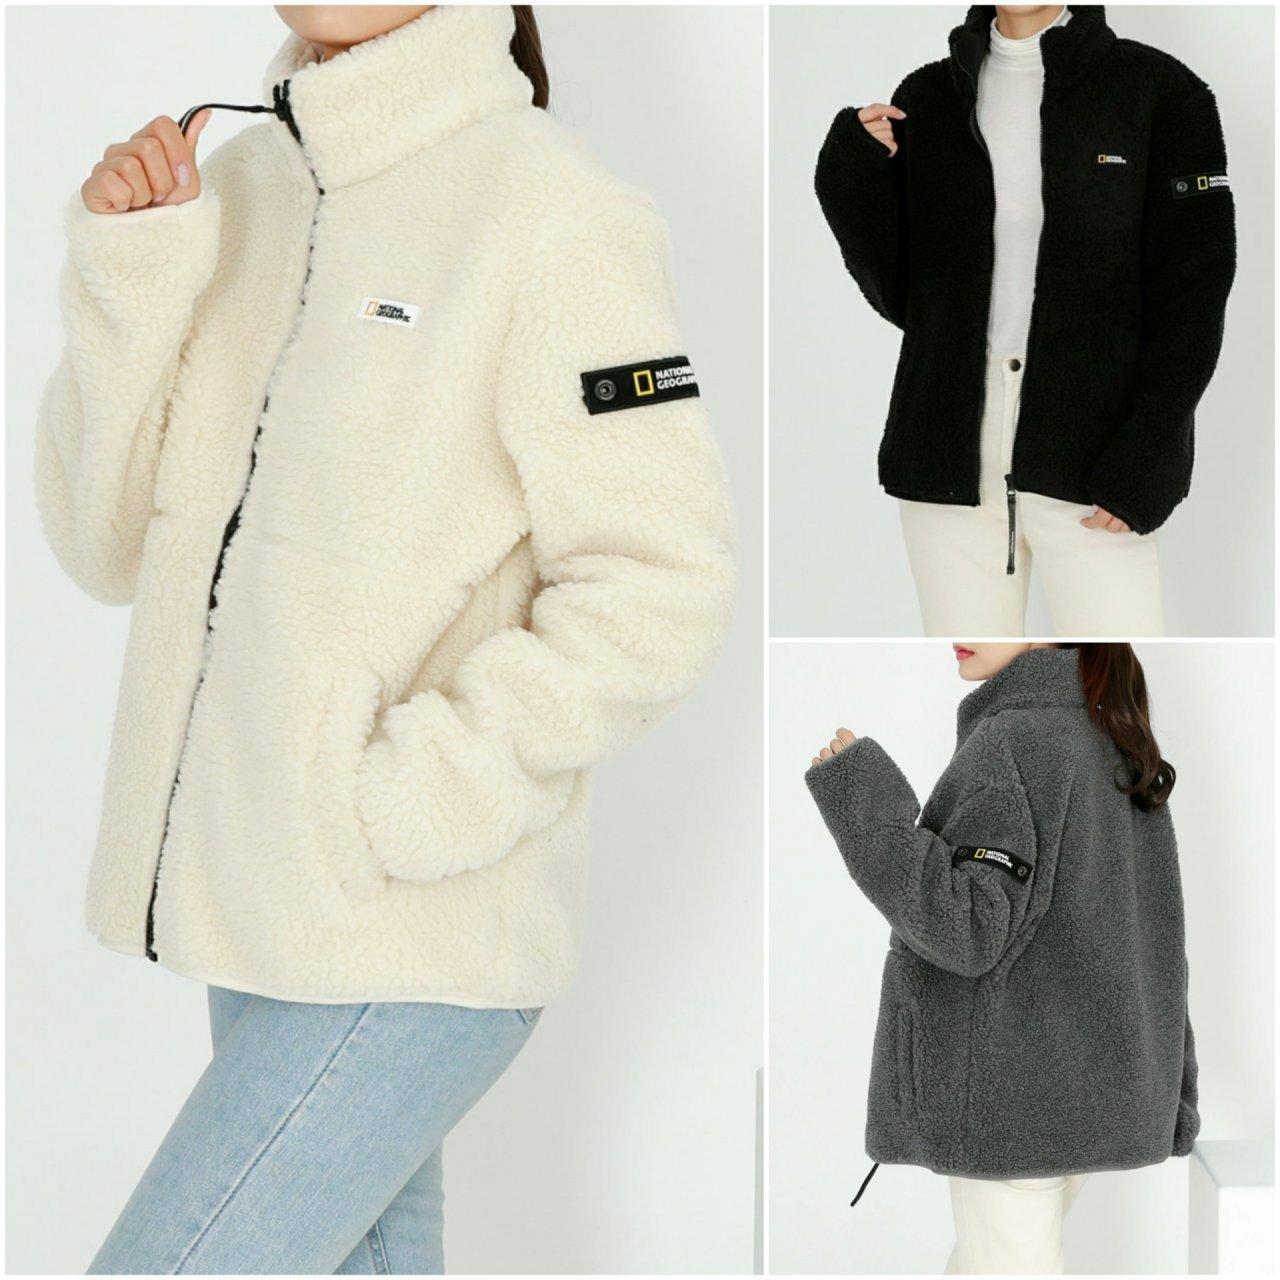 내셔널지오그래픽 차이나타입 보아털 뽀글이 - 가을신상(남녀공용)